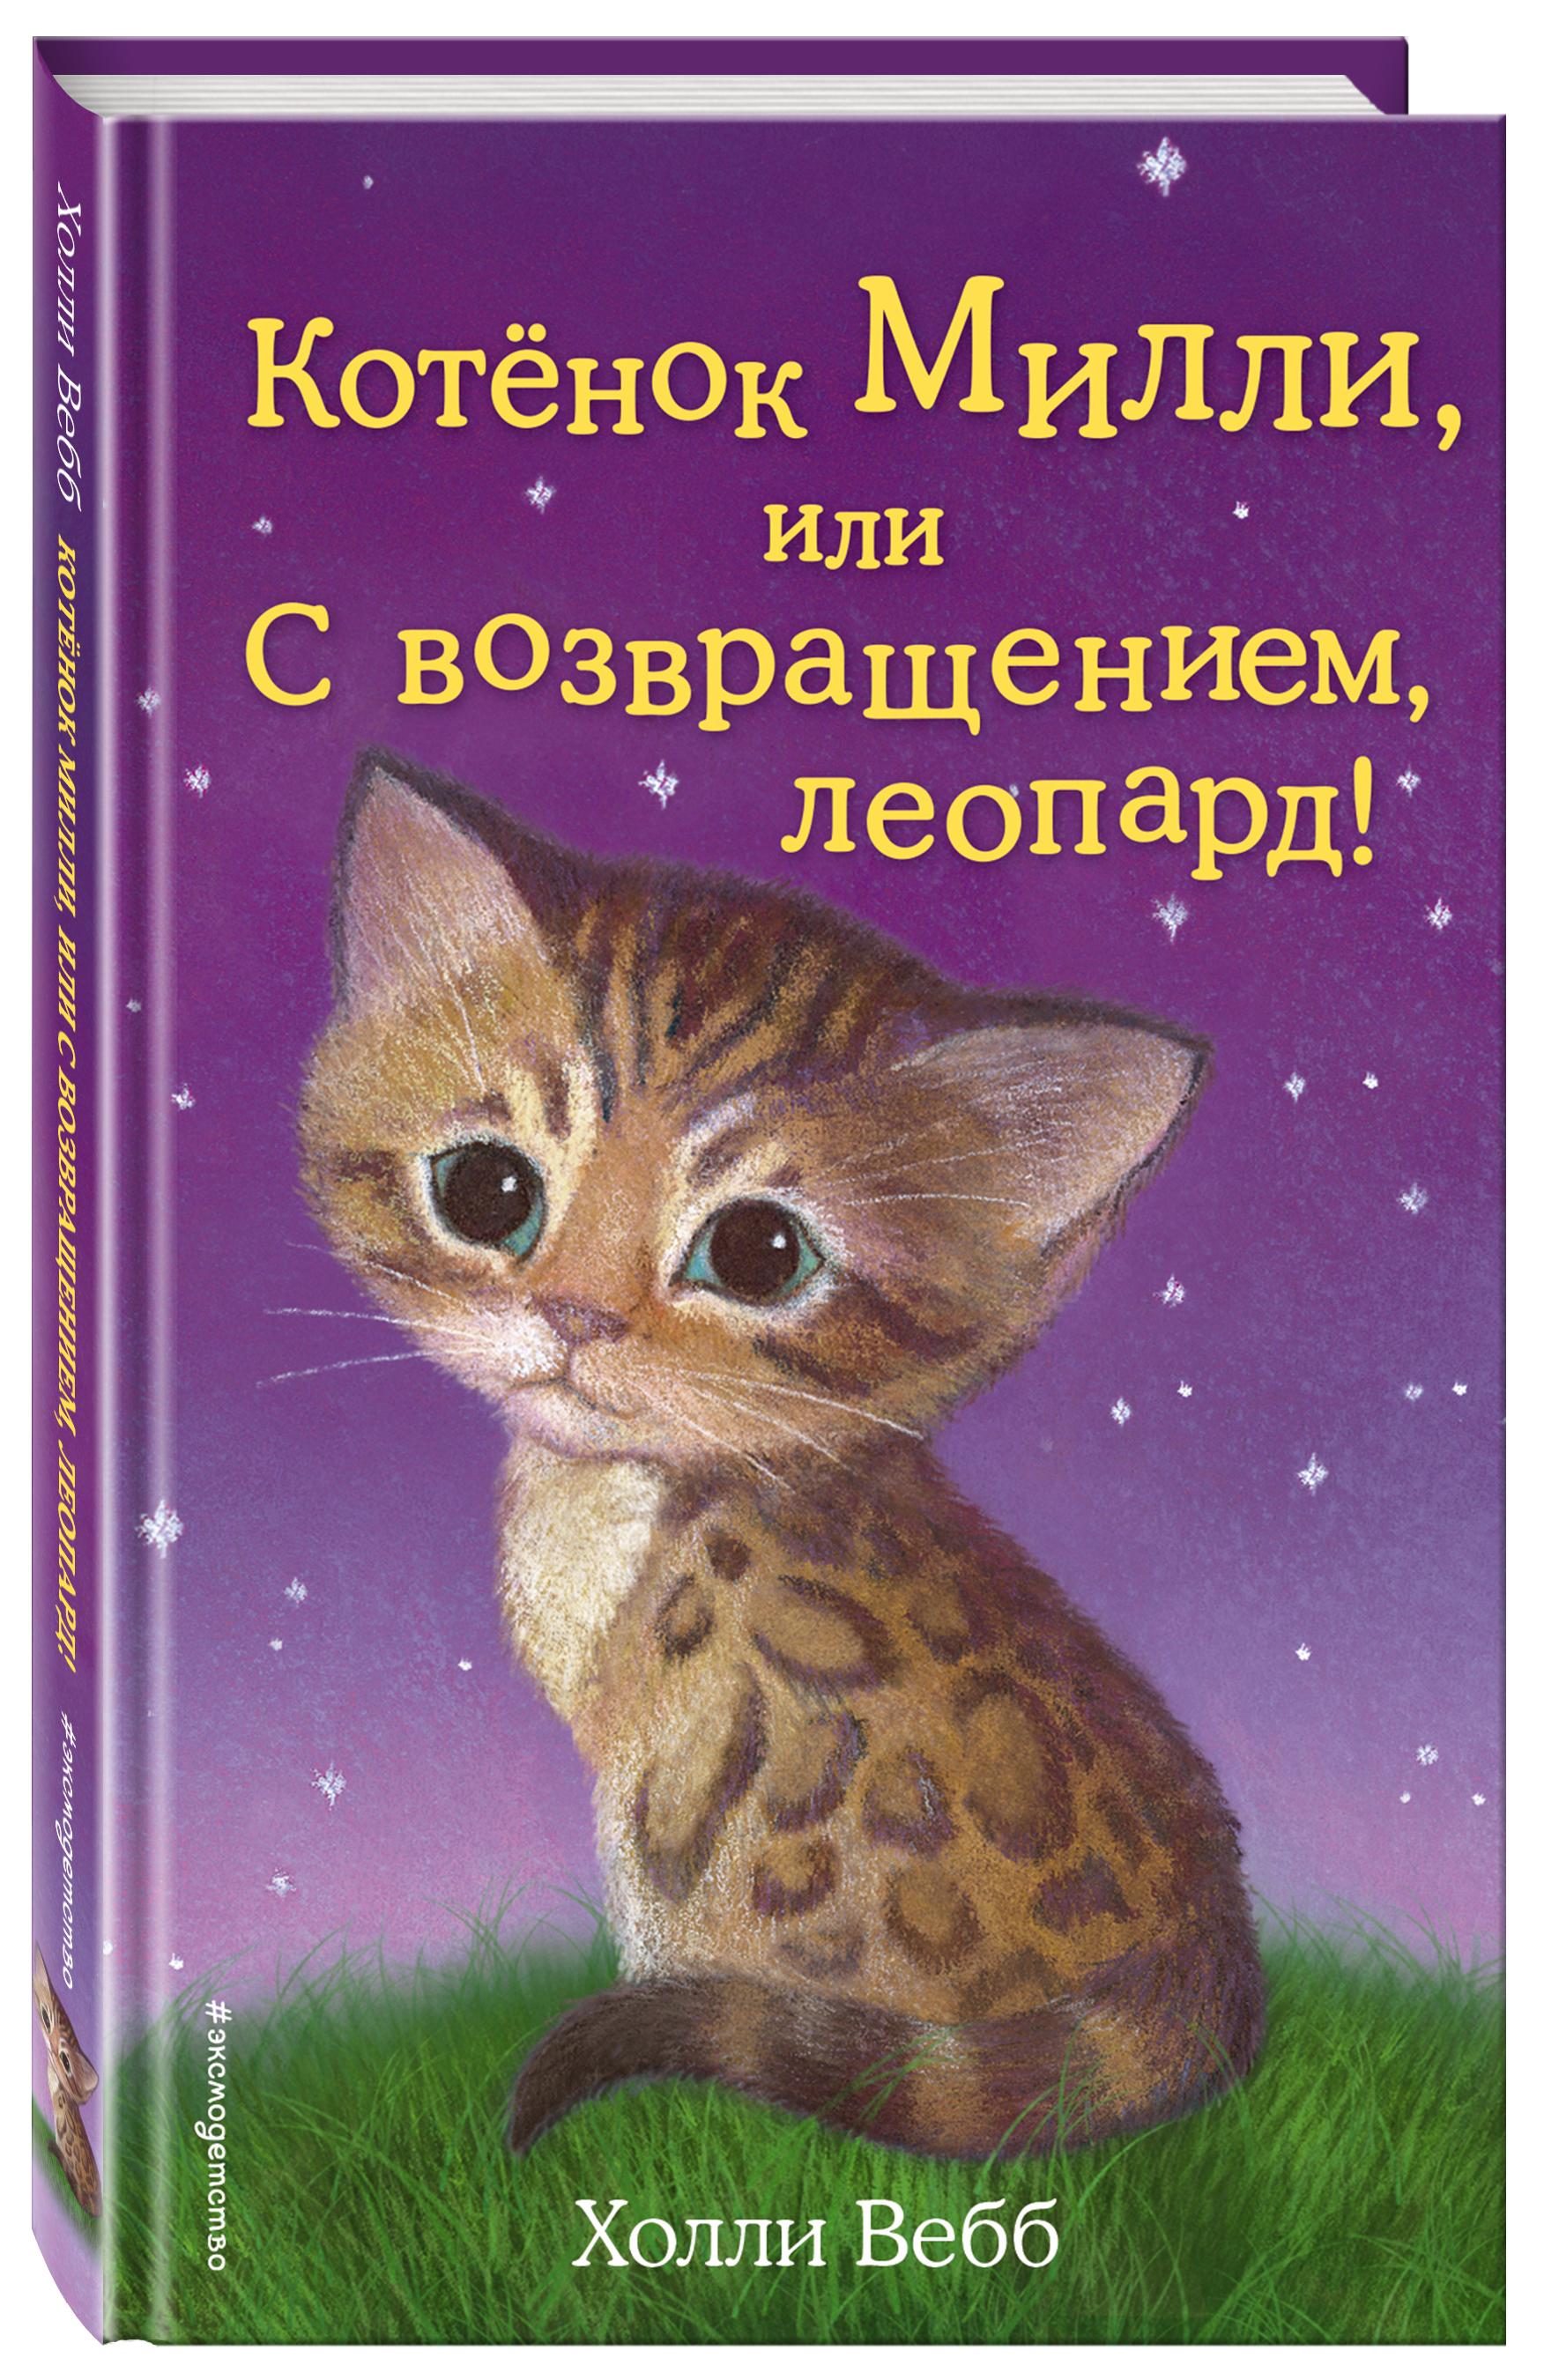 Котёнок Милли, или С возвращением, леопард!